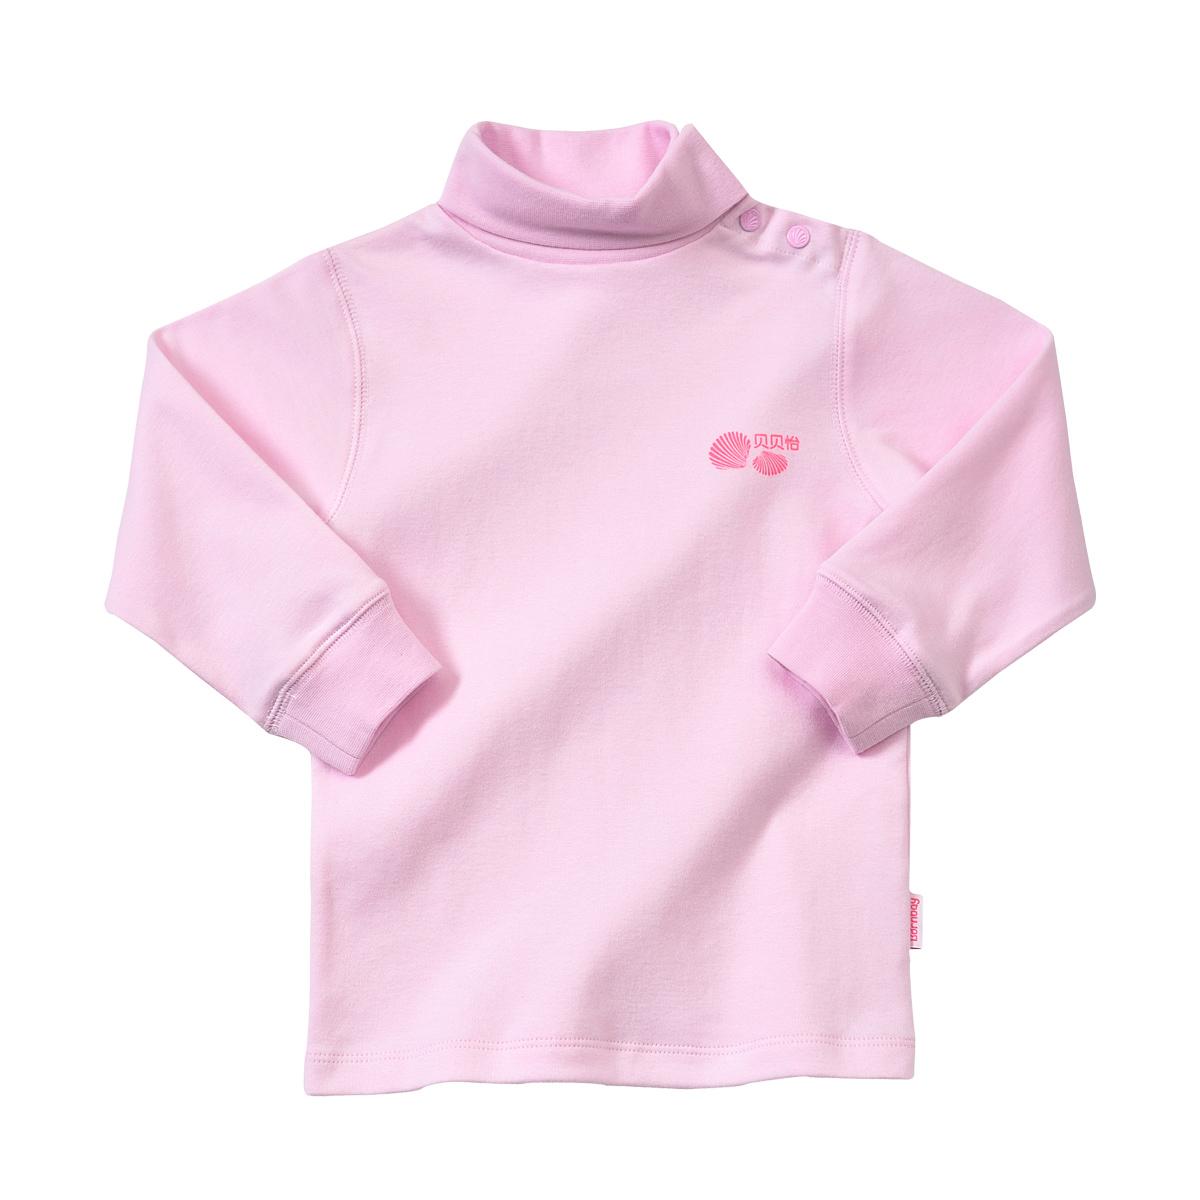 Цвет: бледно-розовый цвет